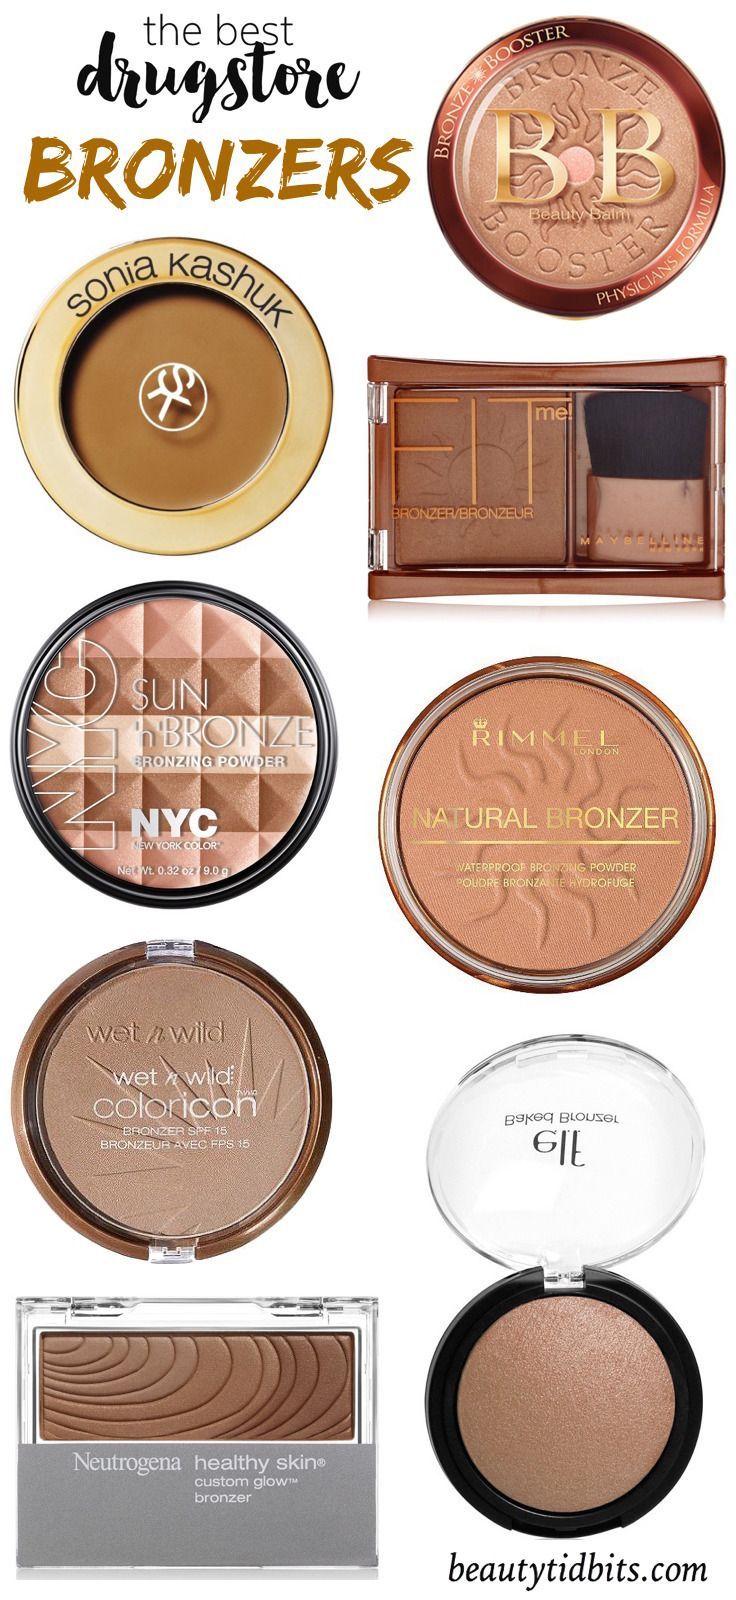 Best Drugstore Bronzers under $10